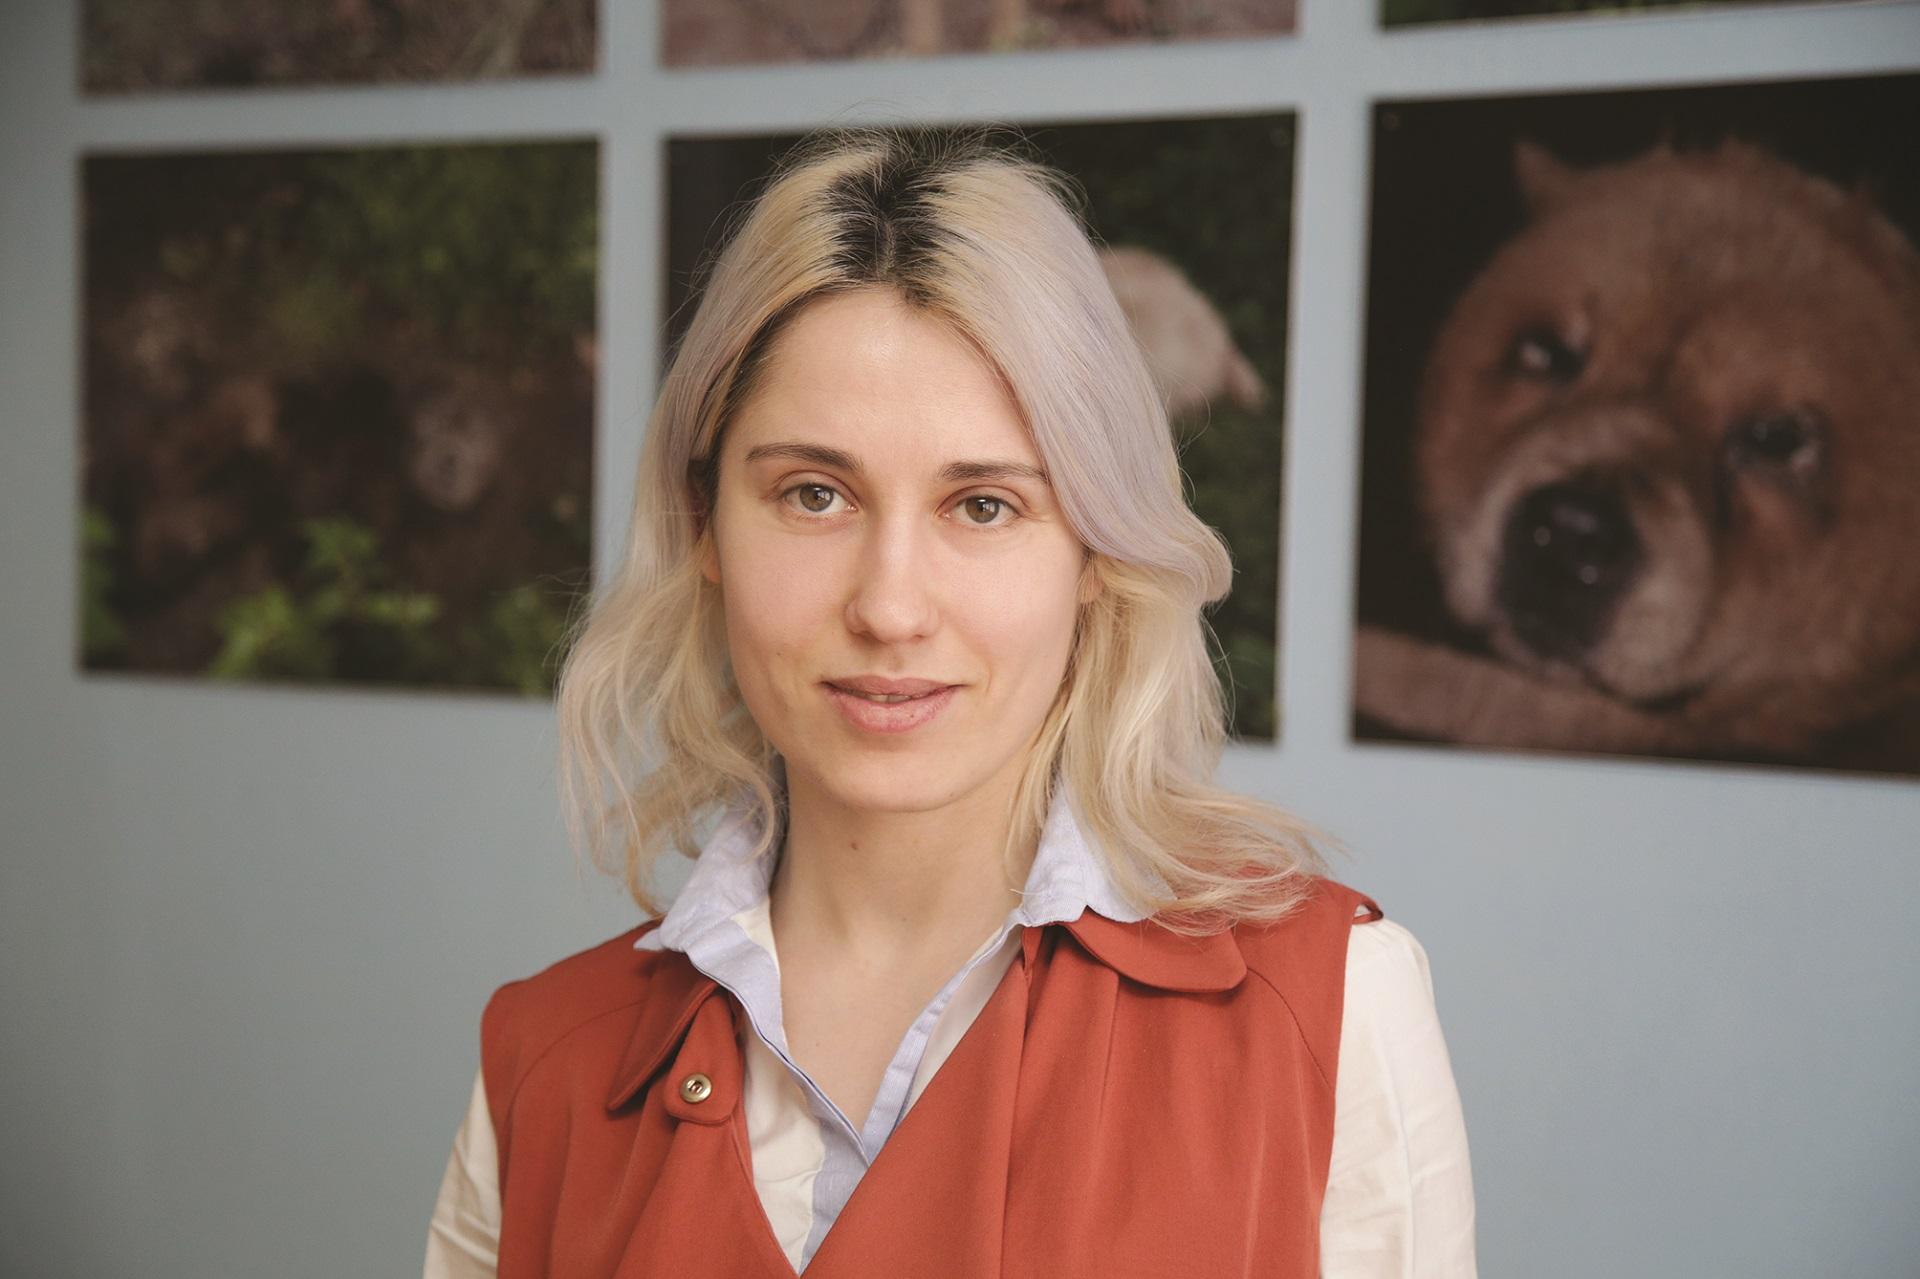 """Kėdainiuose įsikūrusios gyvūnų gerovės tarnybos """"Pifas"""" gyvūnų globos koordinatorė Greta Linkė apgailestauja, kad vis dažniau keturkojų namais tampa prieglauda. """"Rinkos aikštės"""" archyvo nuotr."""